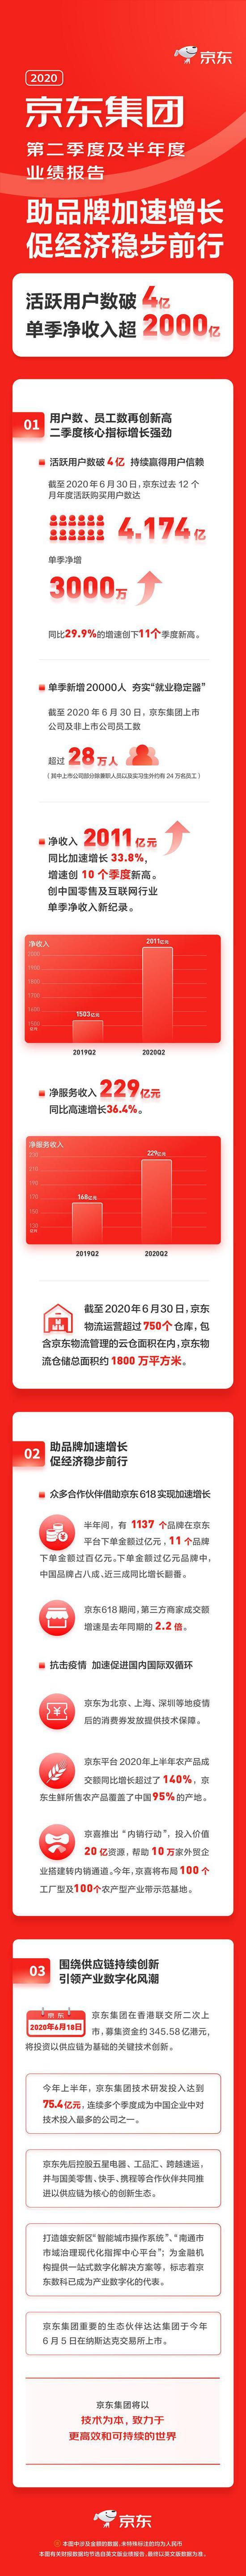 京东2020第二季度净利润59亿元 同比增长66.1%